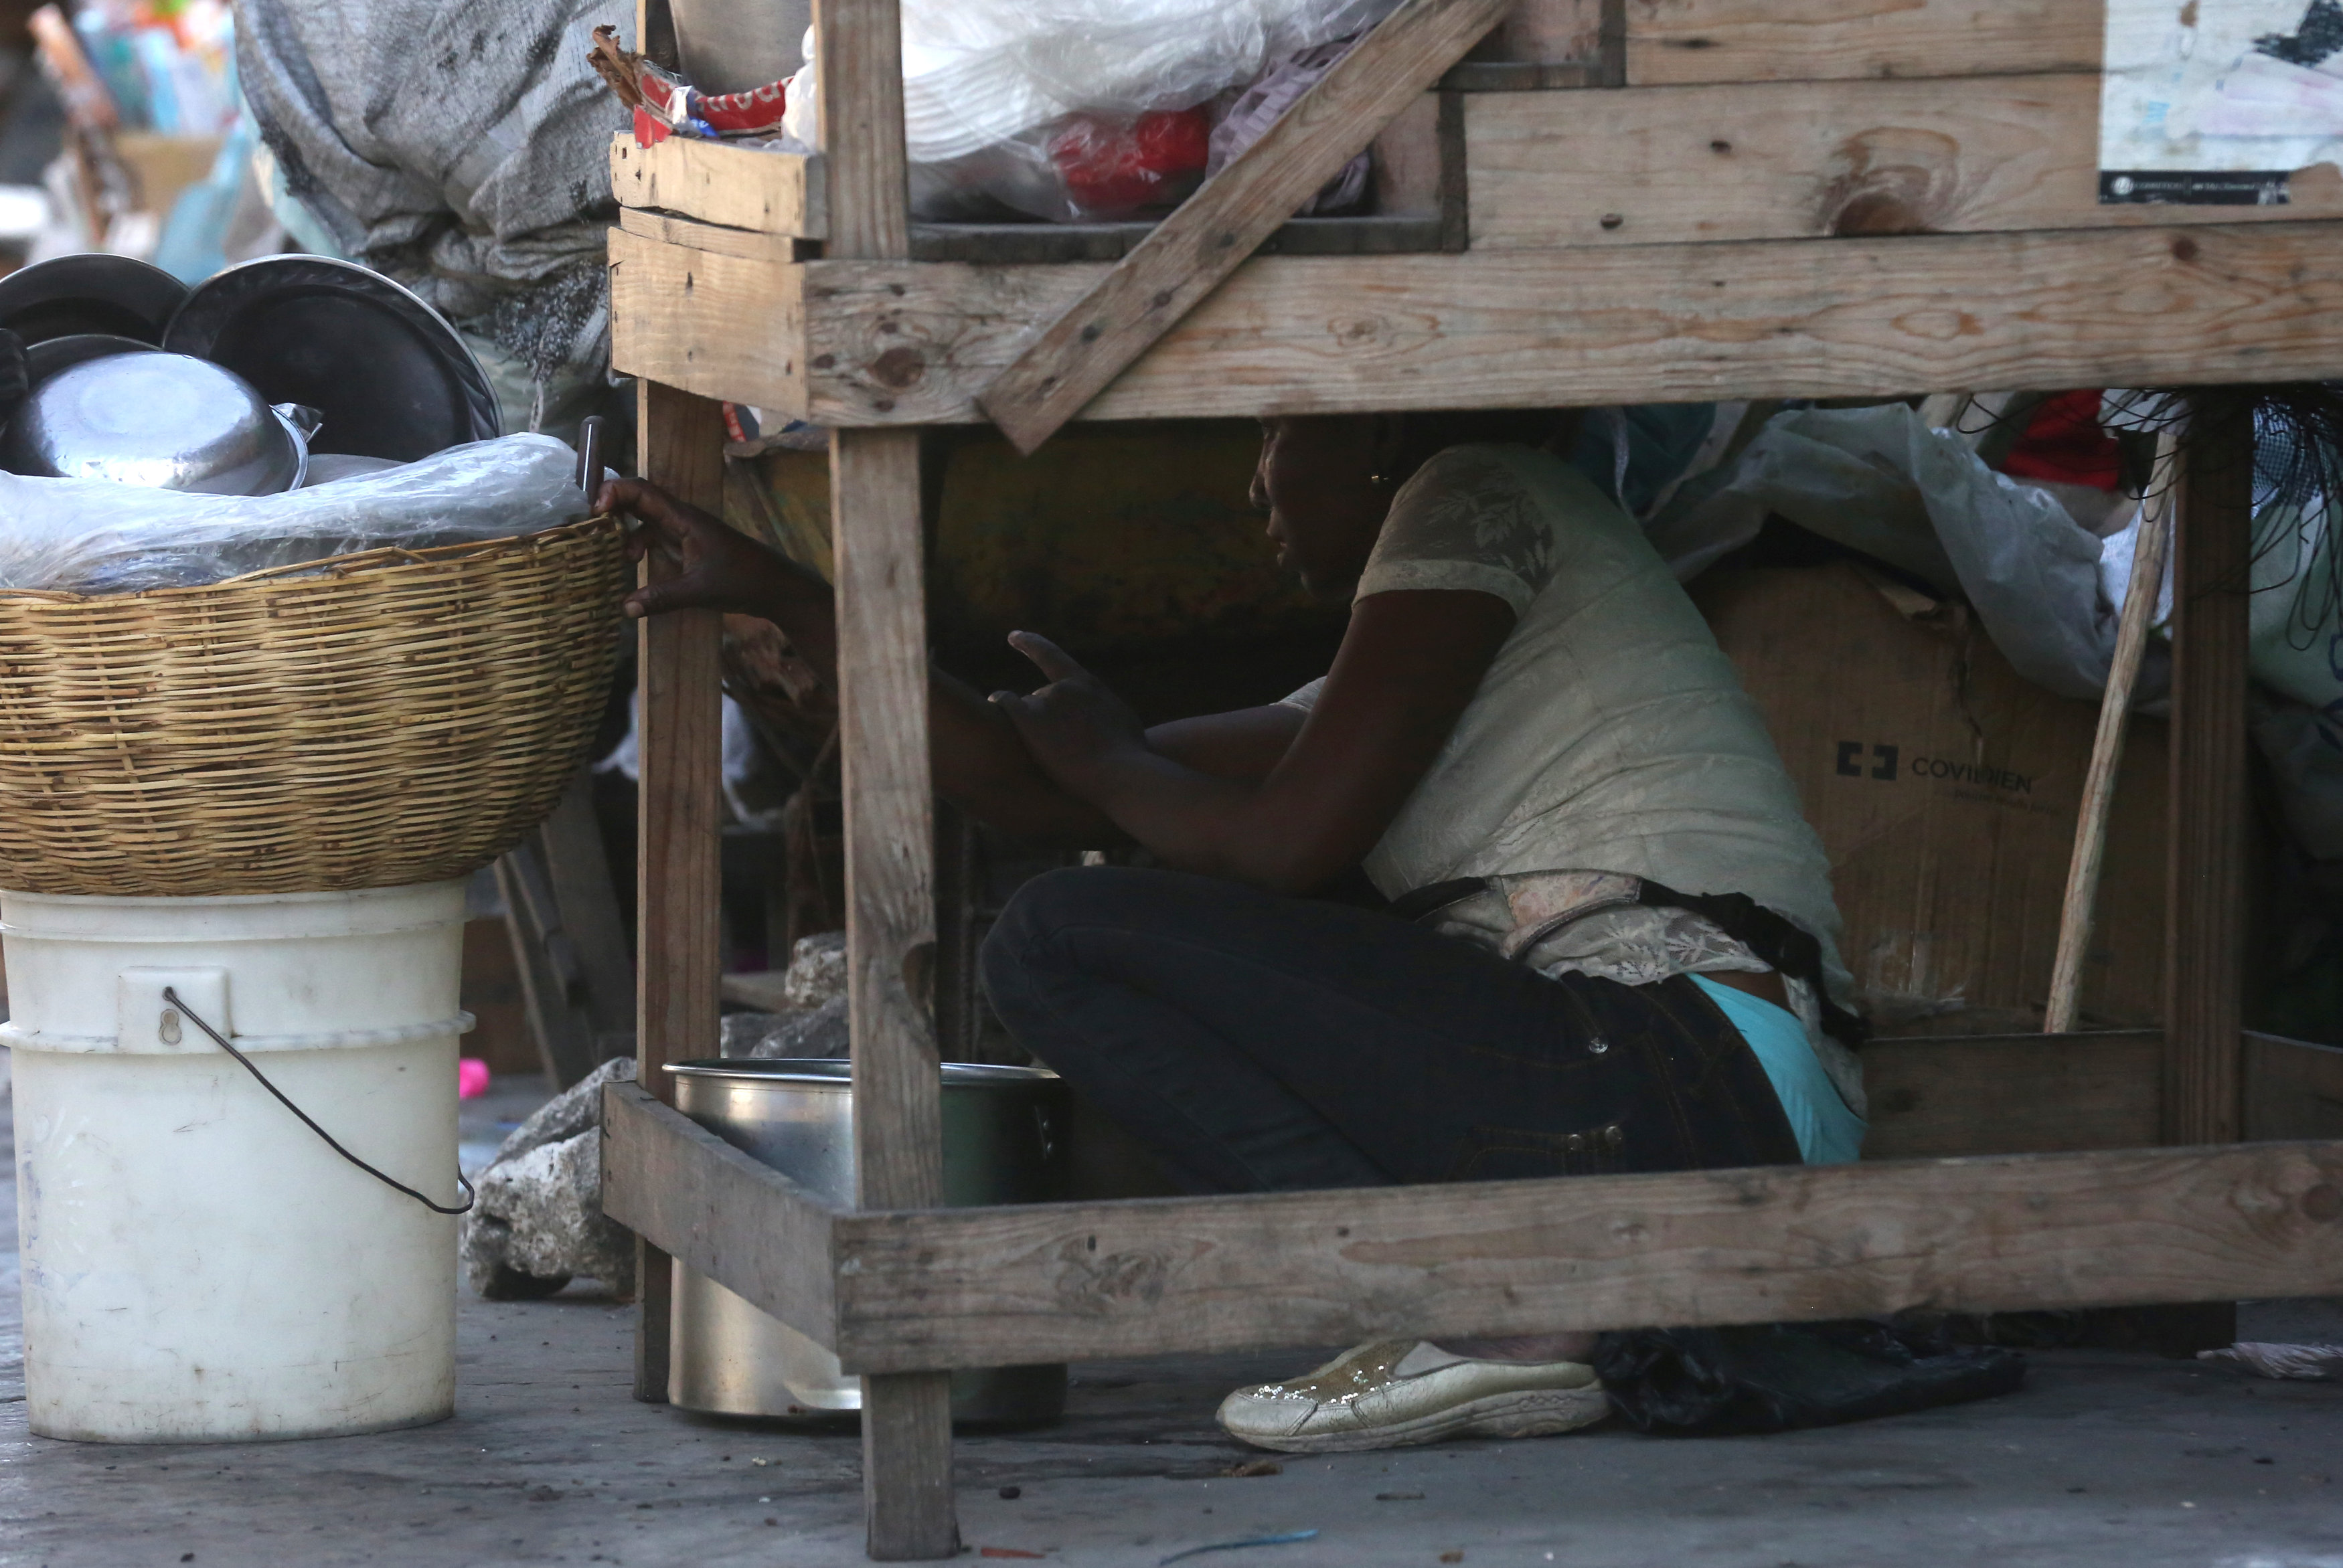 شوارع هايتى تتحول لساحة حرب خلال مظاهرات عنيفة  (2)